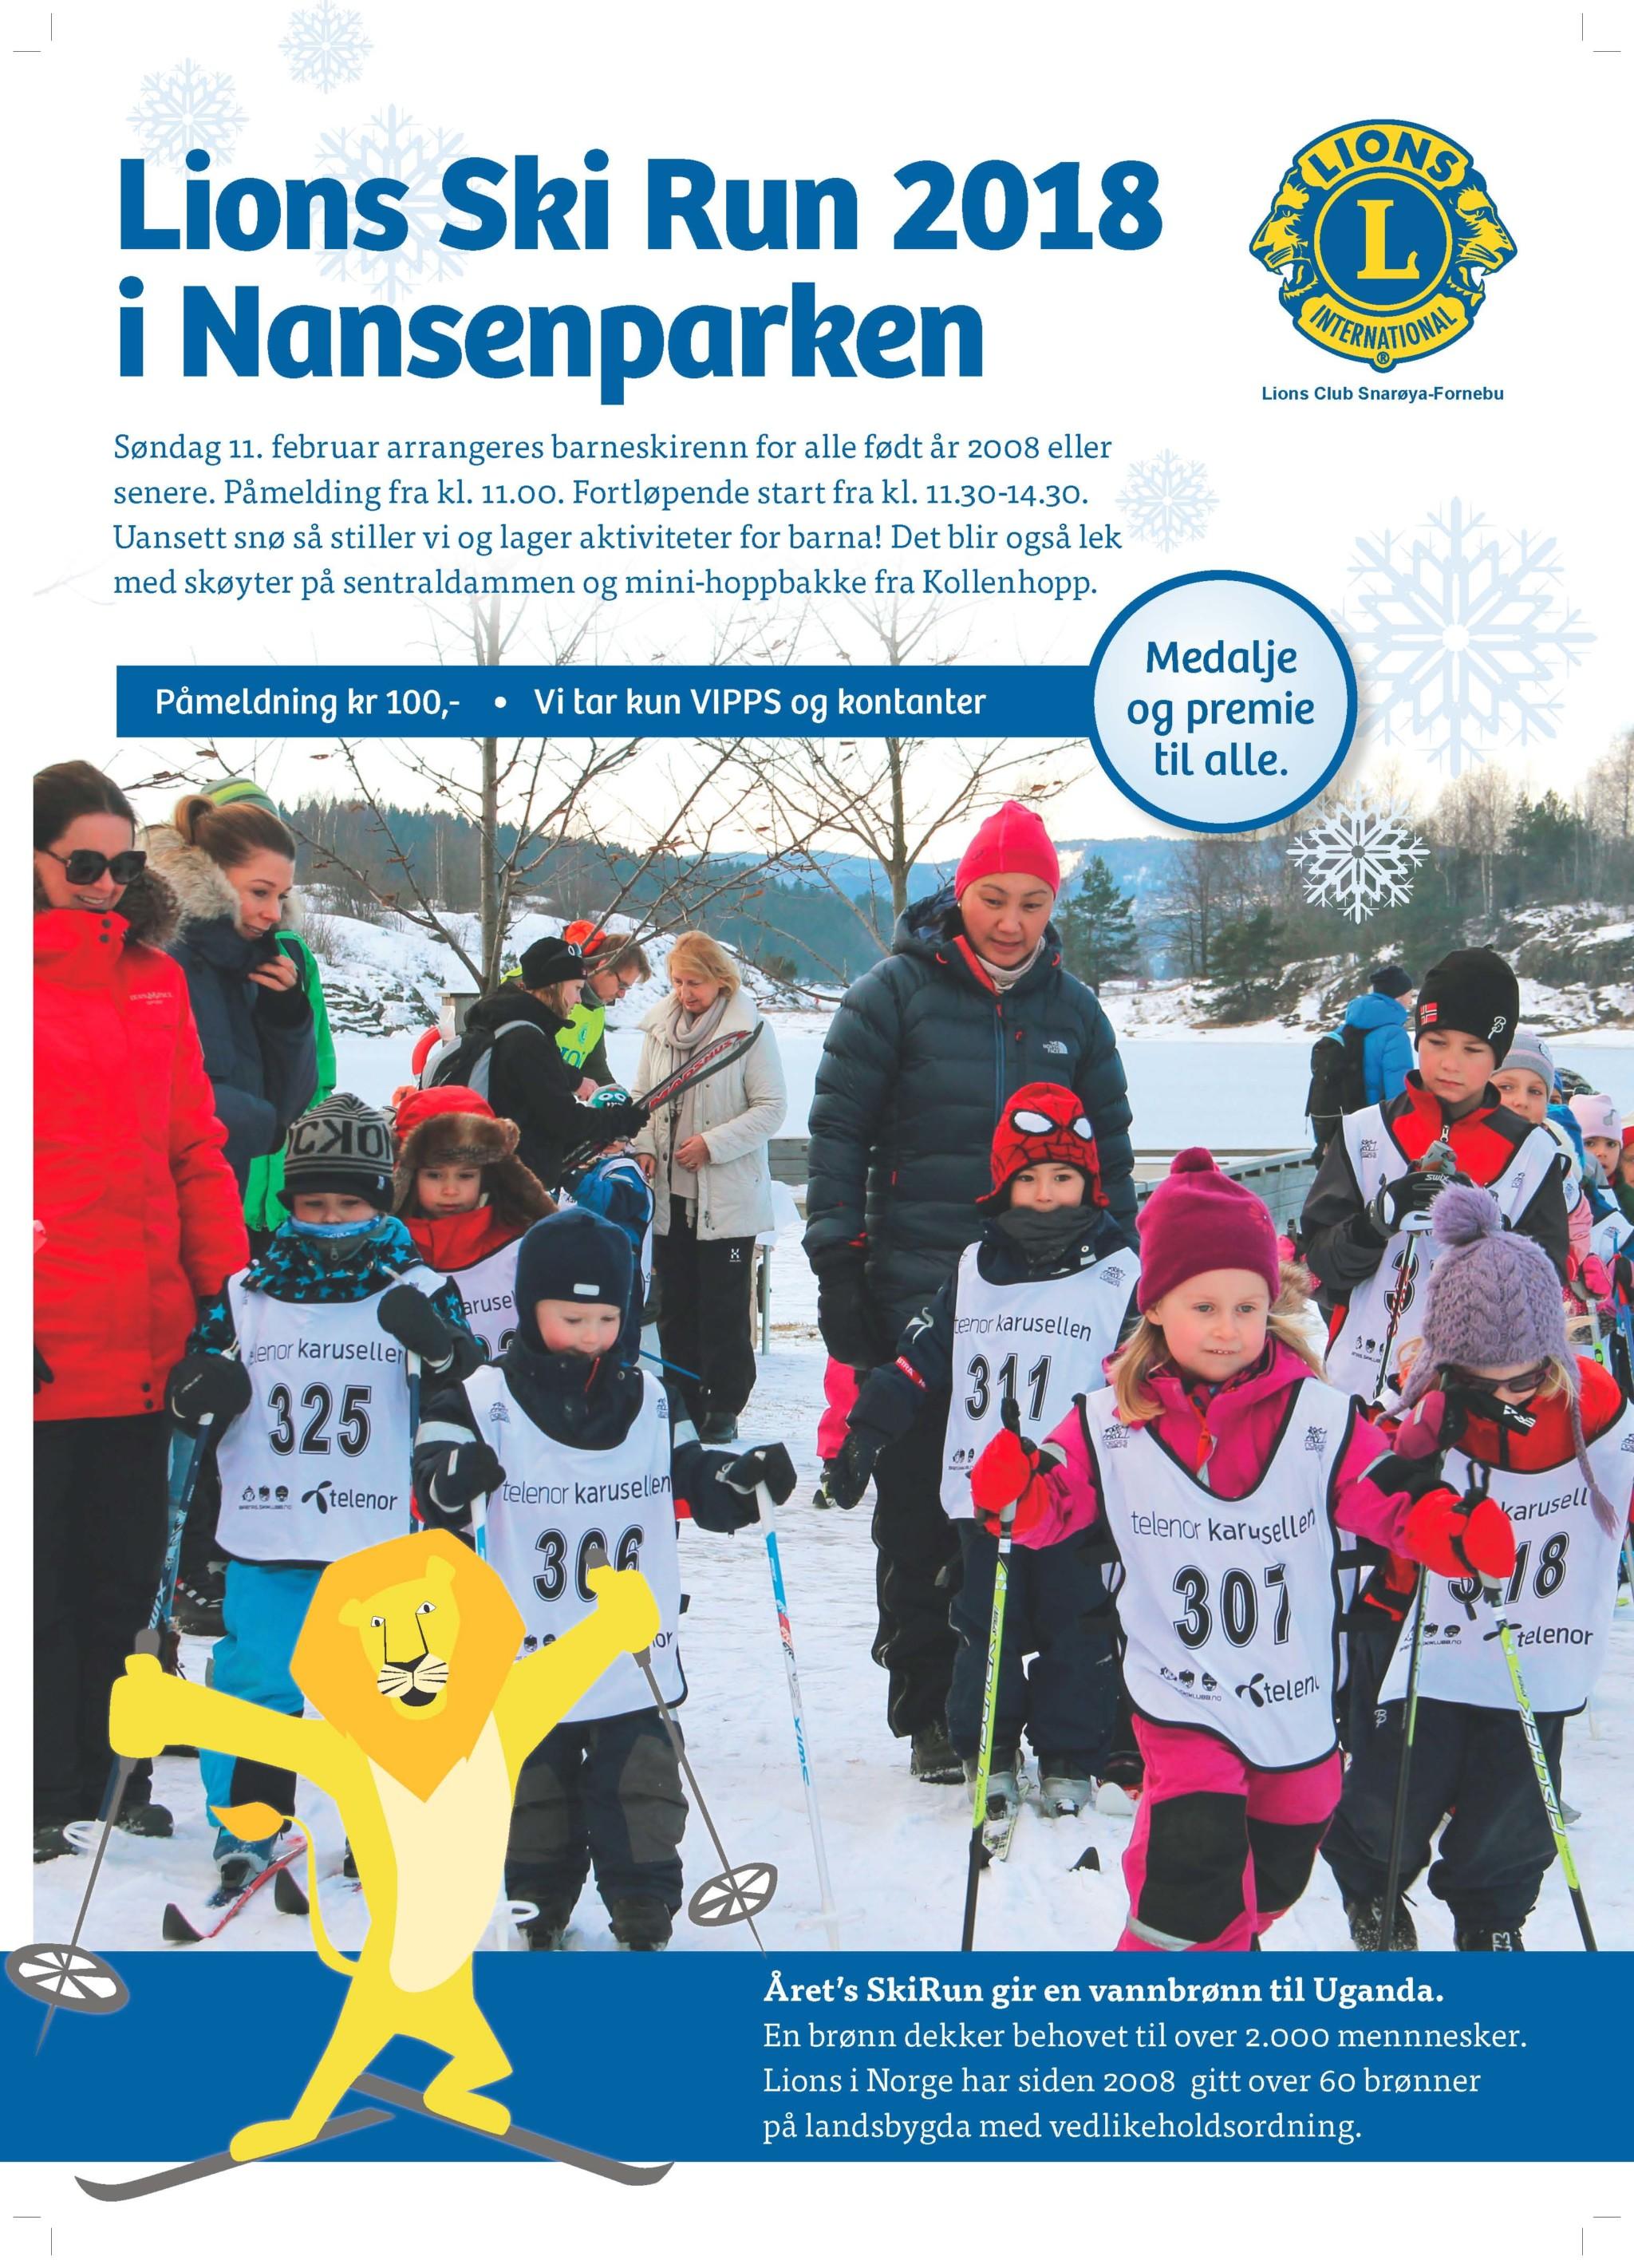 Lions Ski Run 2018